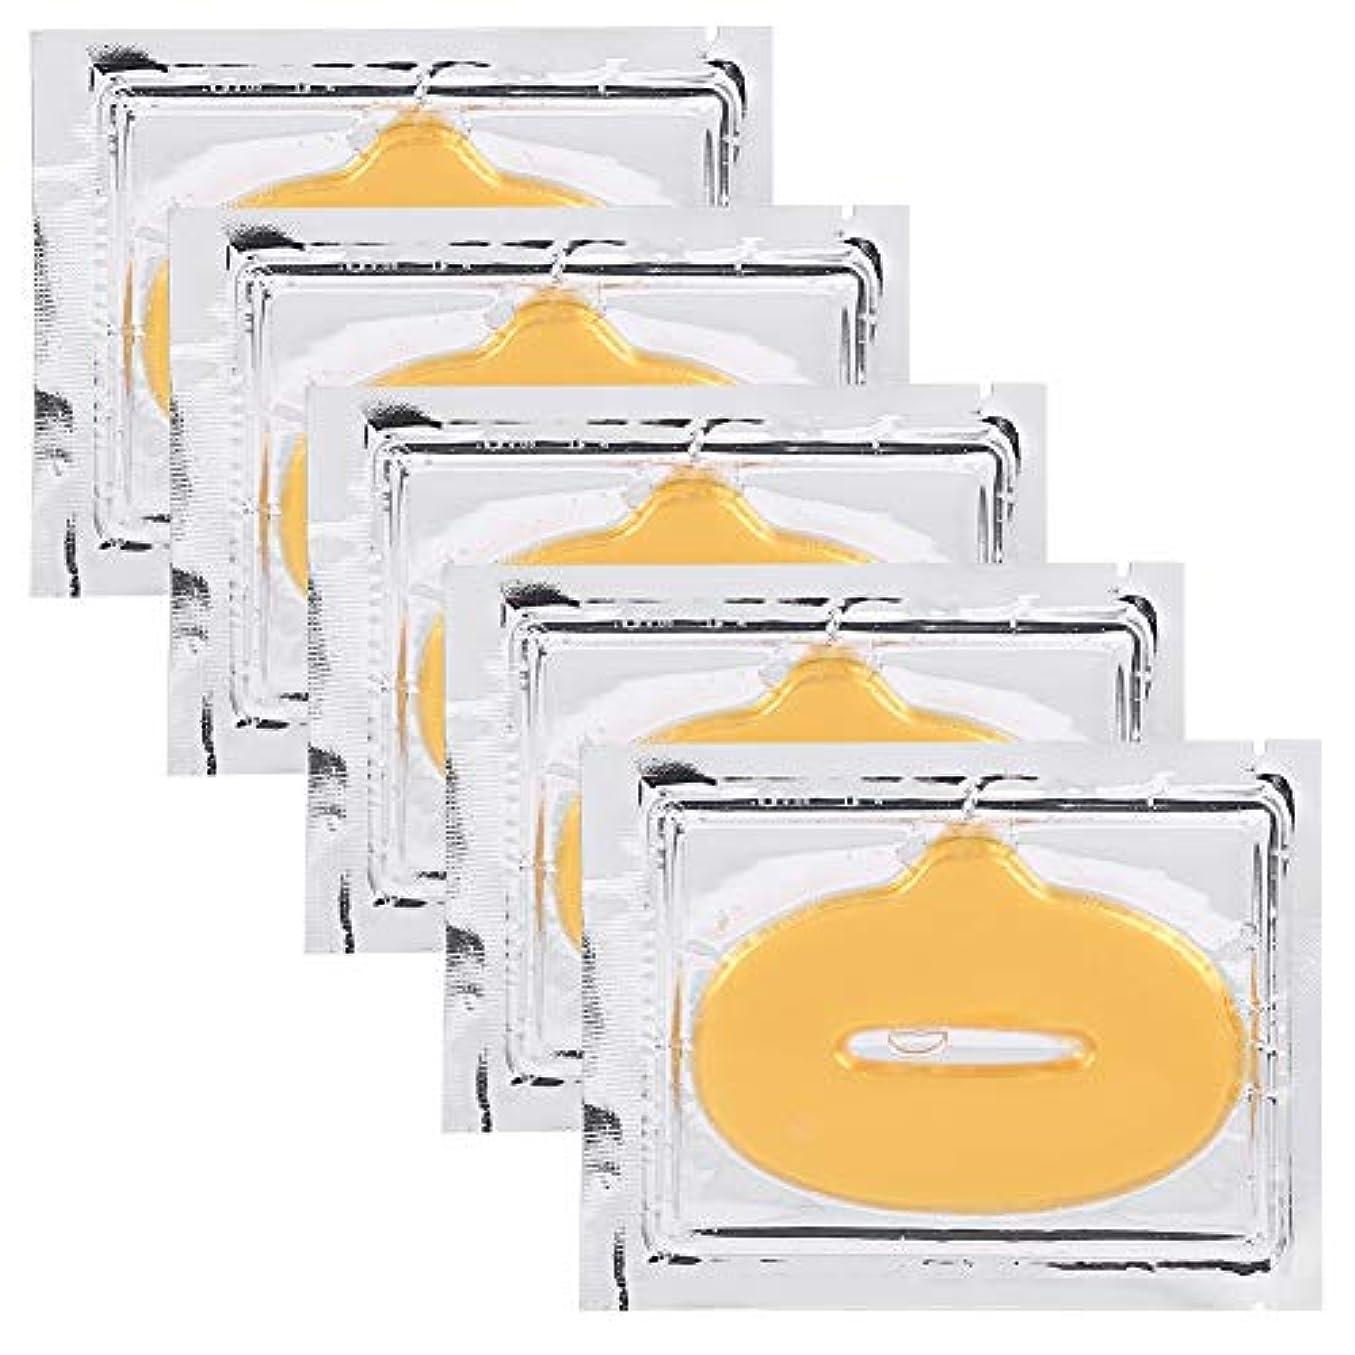 フラフープアッティカスはっきりとリップモイスチャー5個/セットコラーゲンクリスタルリップフィルムカバーアンチエイジングモイスチャーエッセンス剥離メンブレン